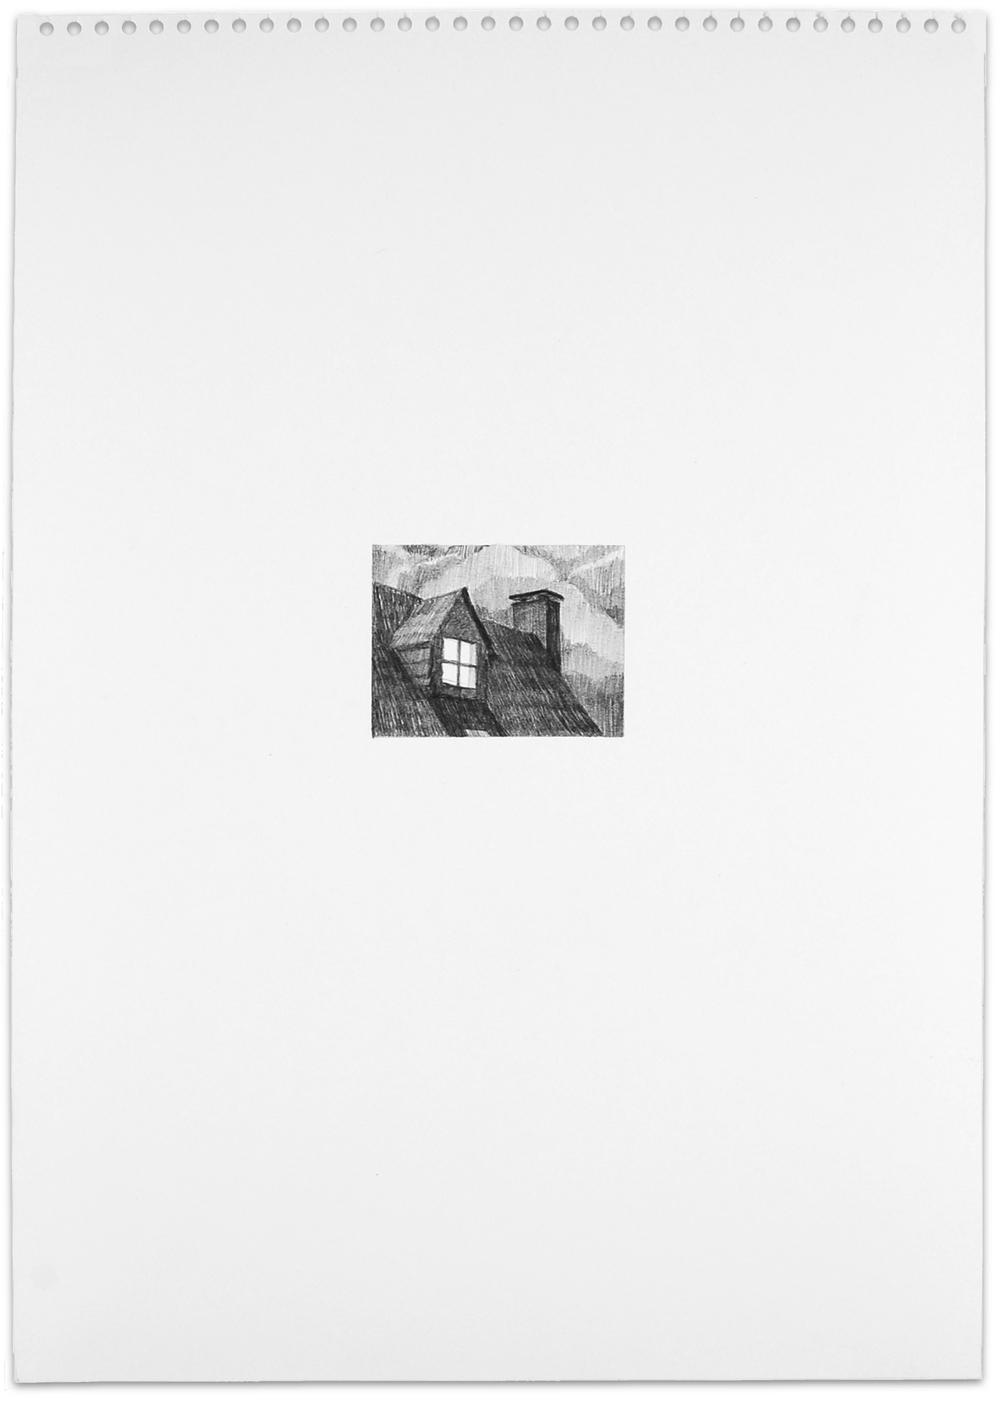 Secret (dormer), 2013, 16.5 x 11.5, graphite on paper